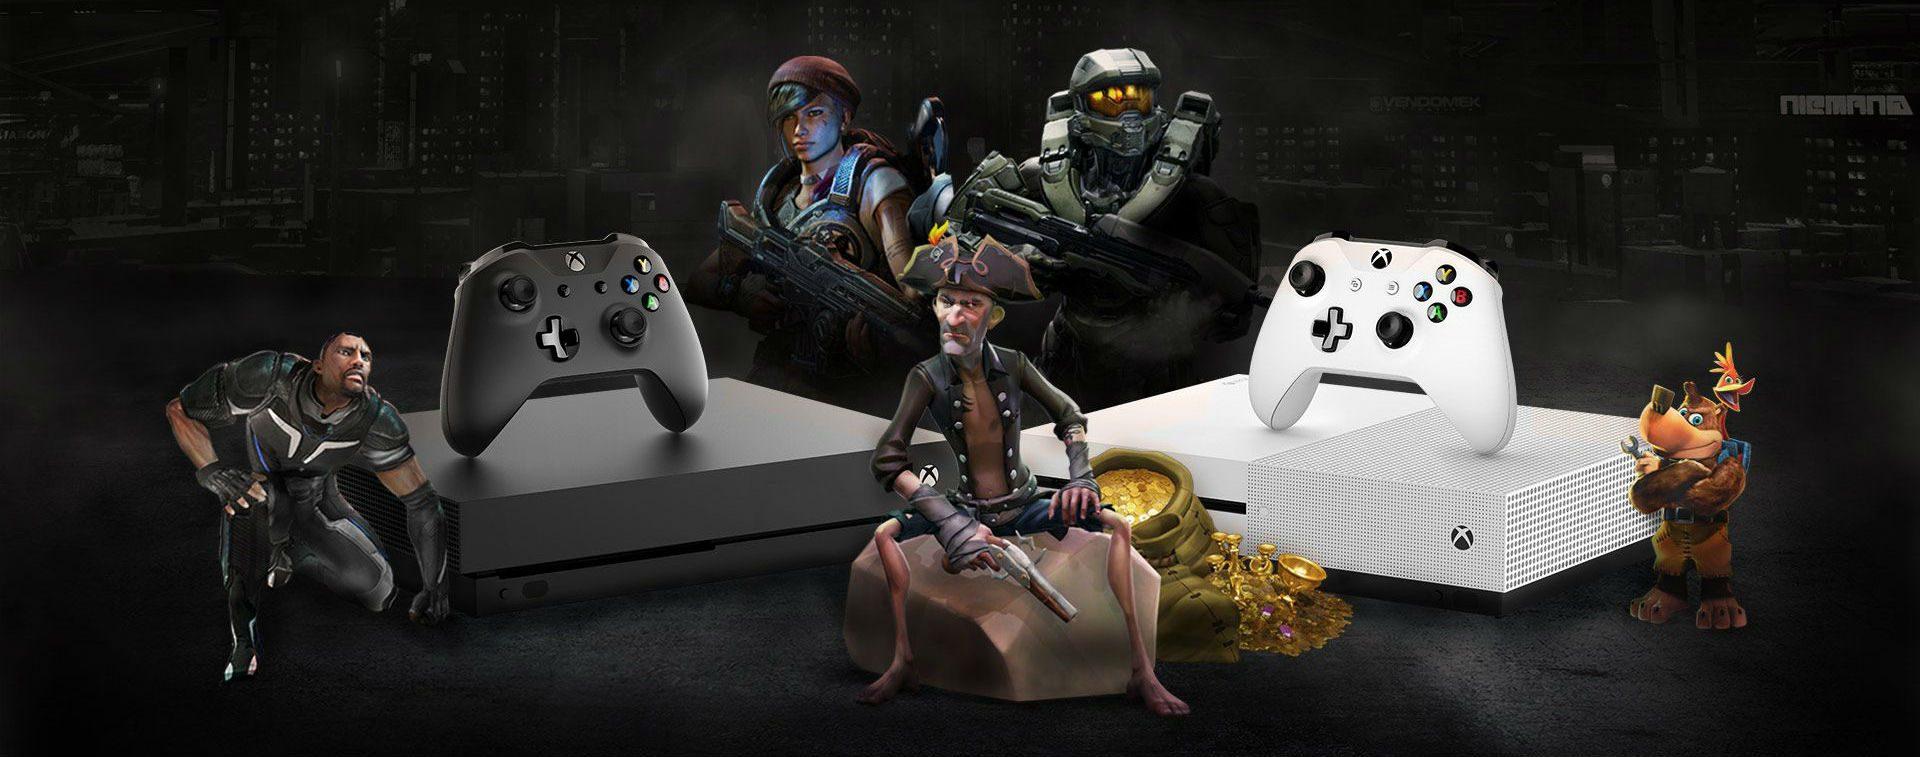 Mike Ybarra Se Pronuncia Sobre Una Posible Subida De Precio De Xbox